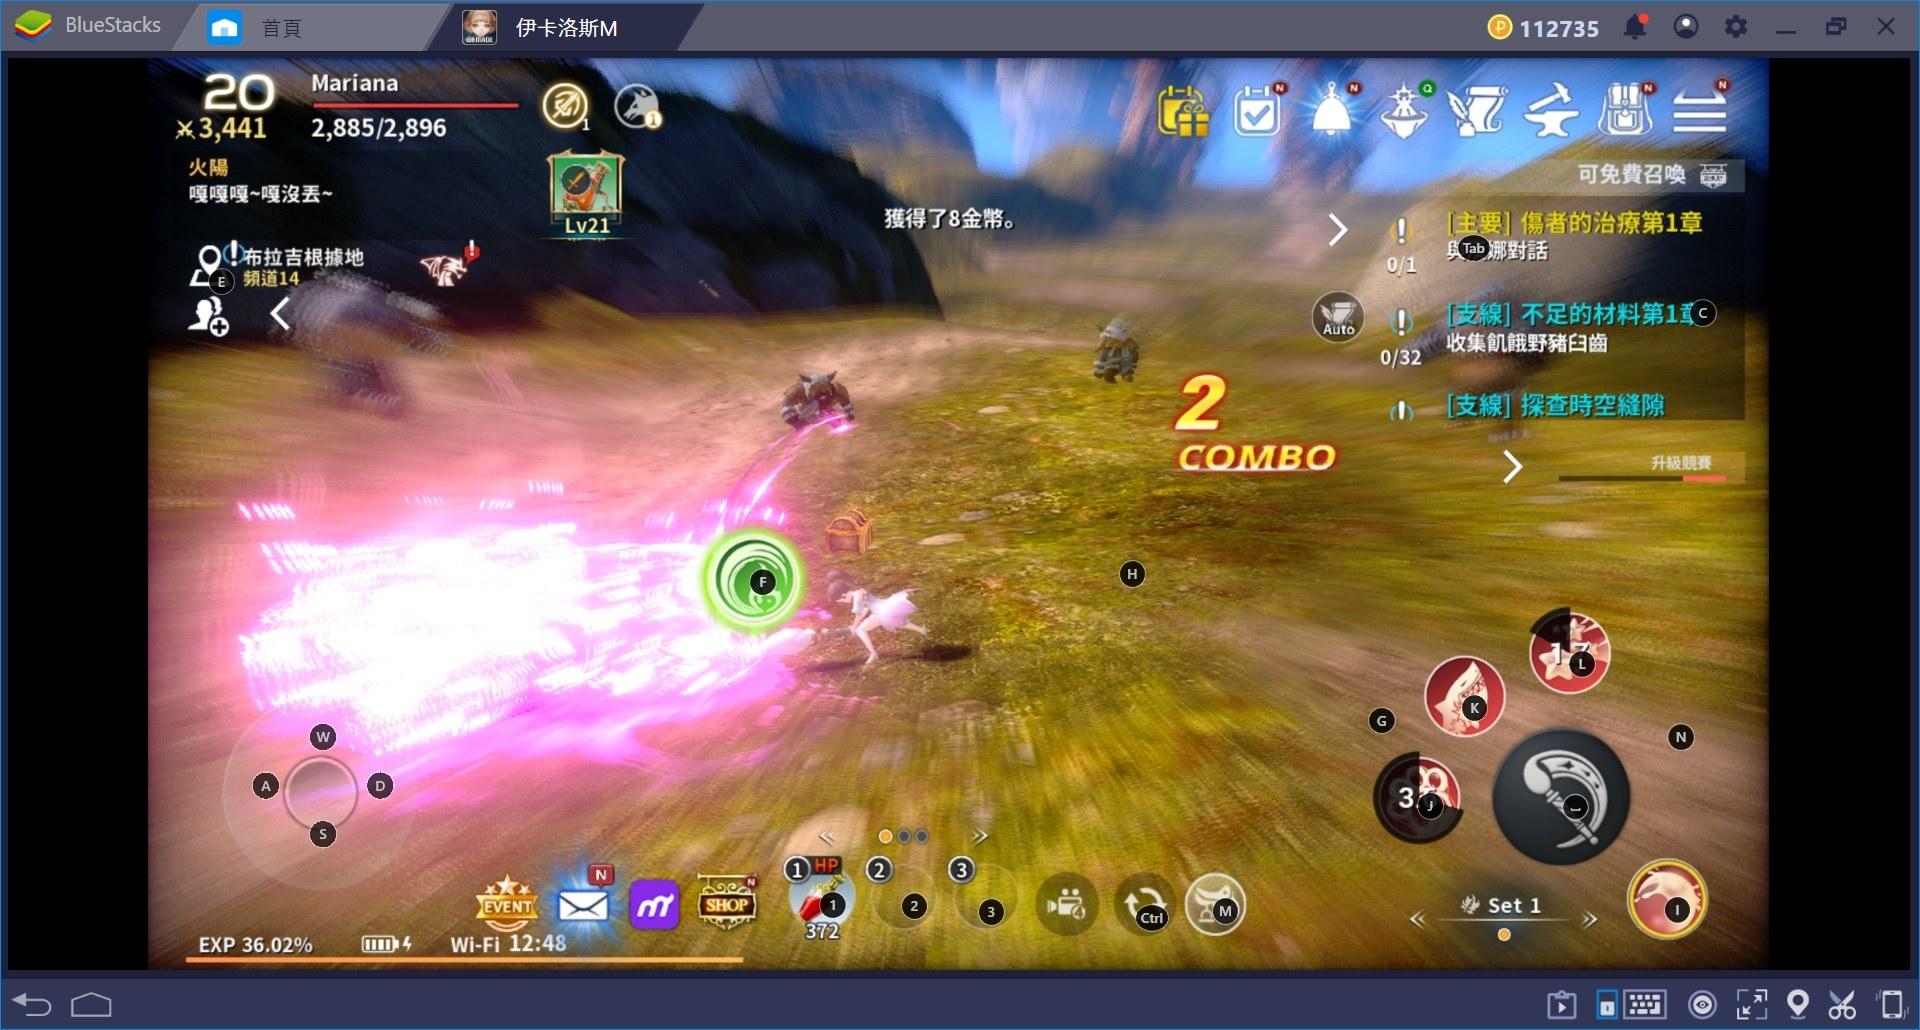 如何調整BlueStacks「遊戲控制」的設置來遊玩《伊卡洛斯M》